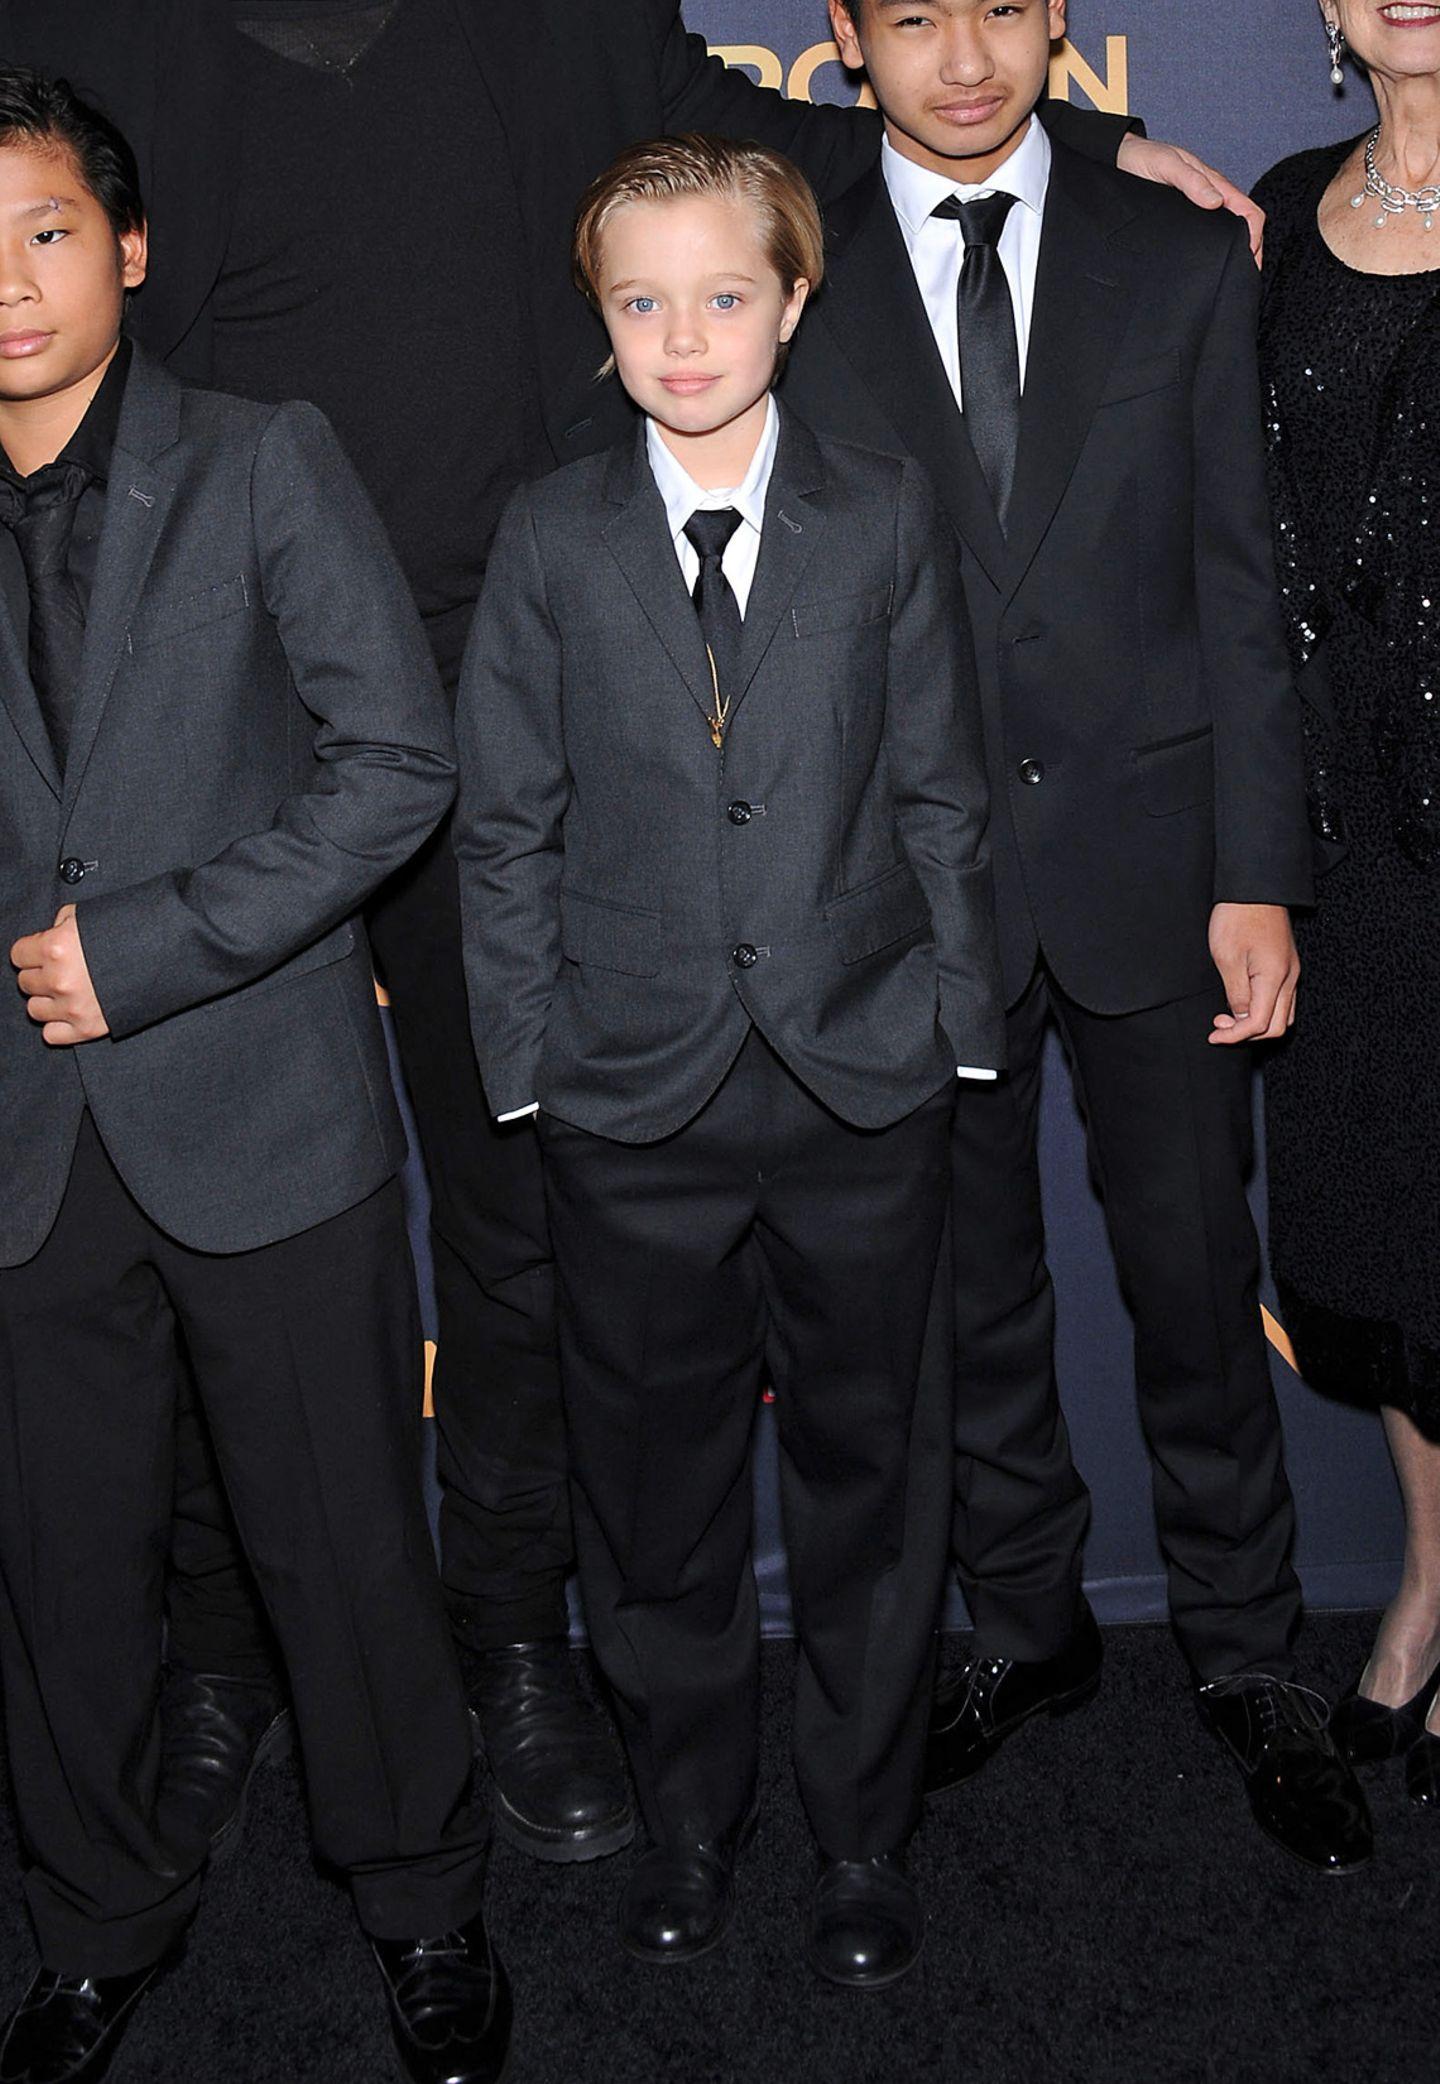 """Wie ihre Brüder Pax und Maddox wirkt Shiloh im grau-schwarzen-Anzug mit Krawatte und zurückgegelten Haare bei der Hollywood-Premiere von """"Unbroken"""" besonders lässig."""